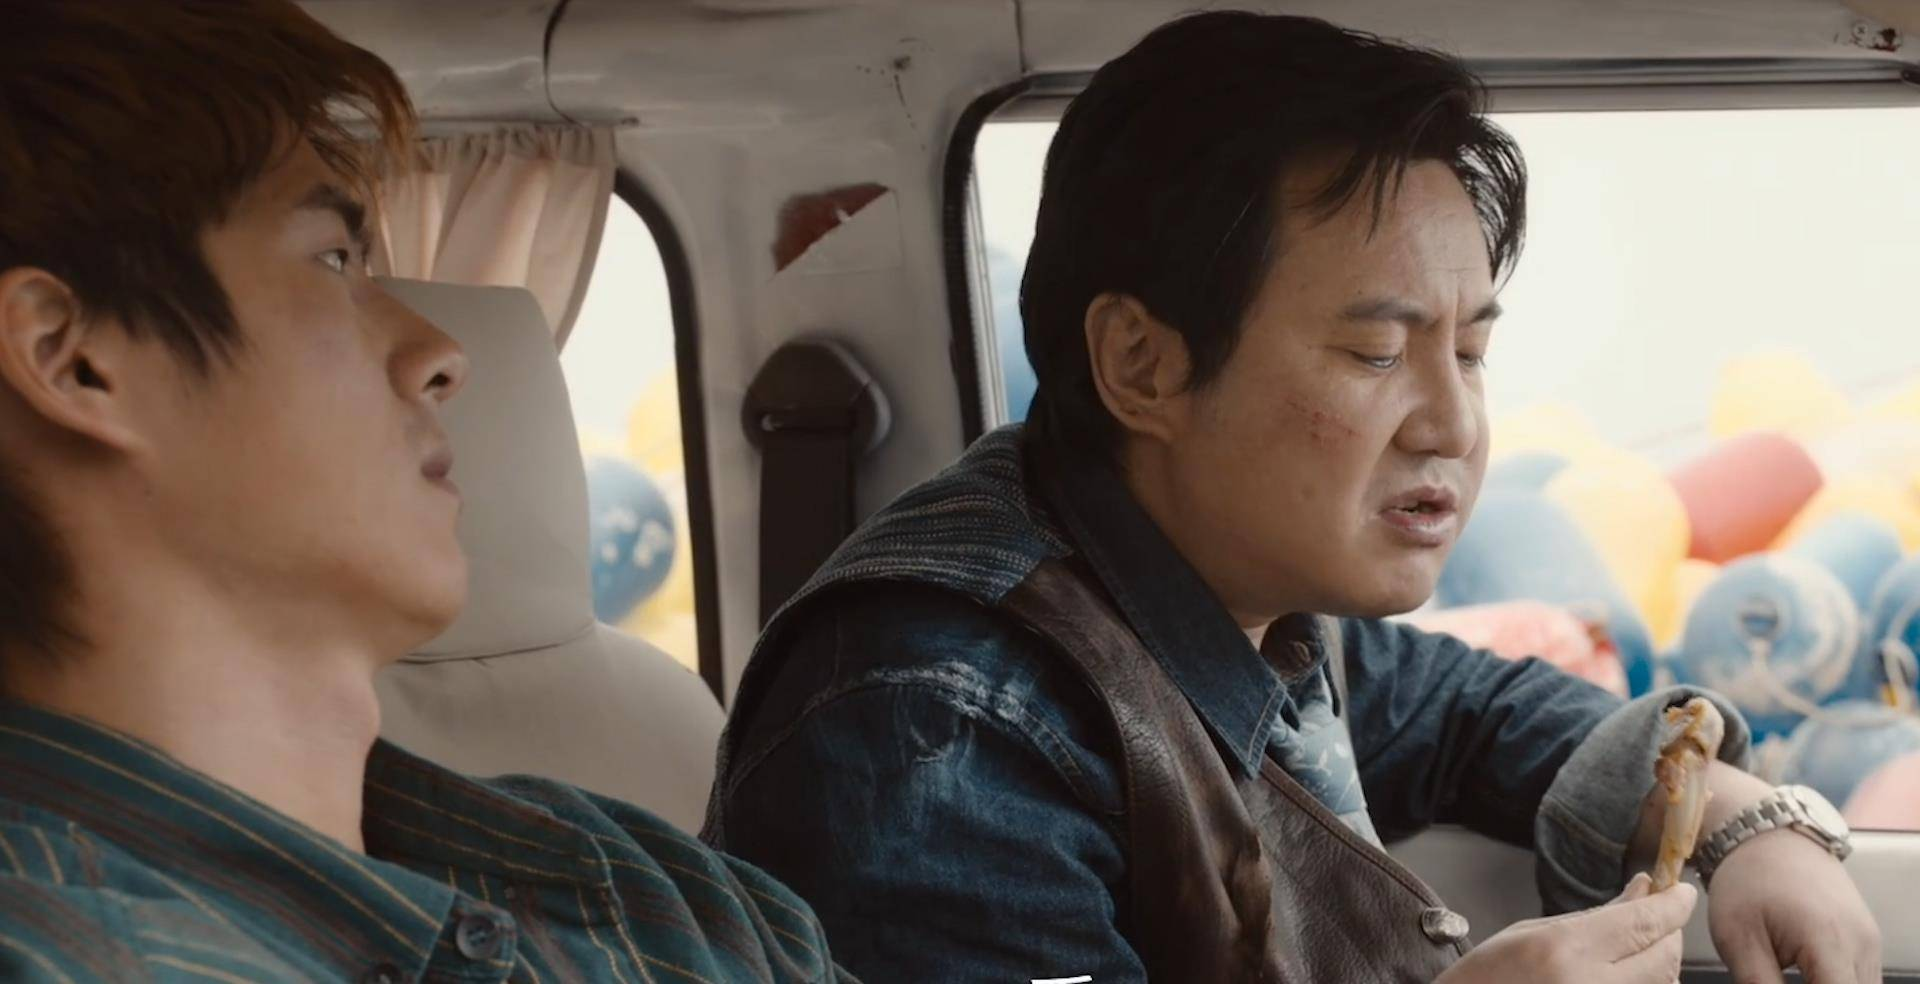 韩寒拍的第一部电影 韩寒导演电影的特点